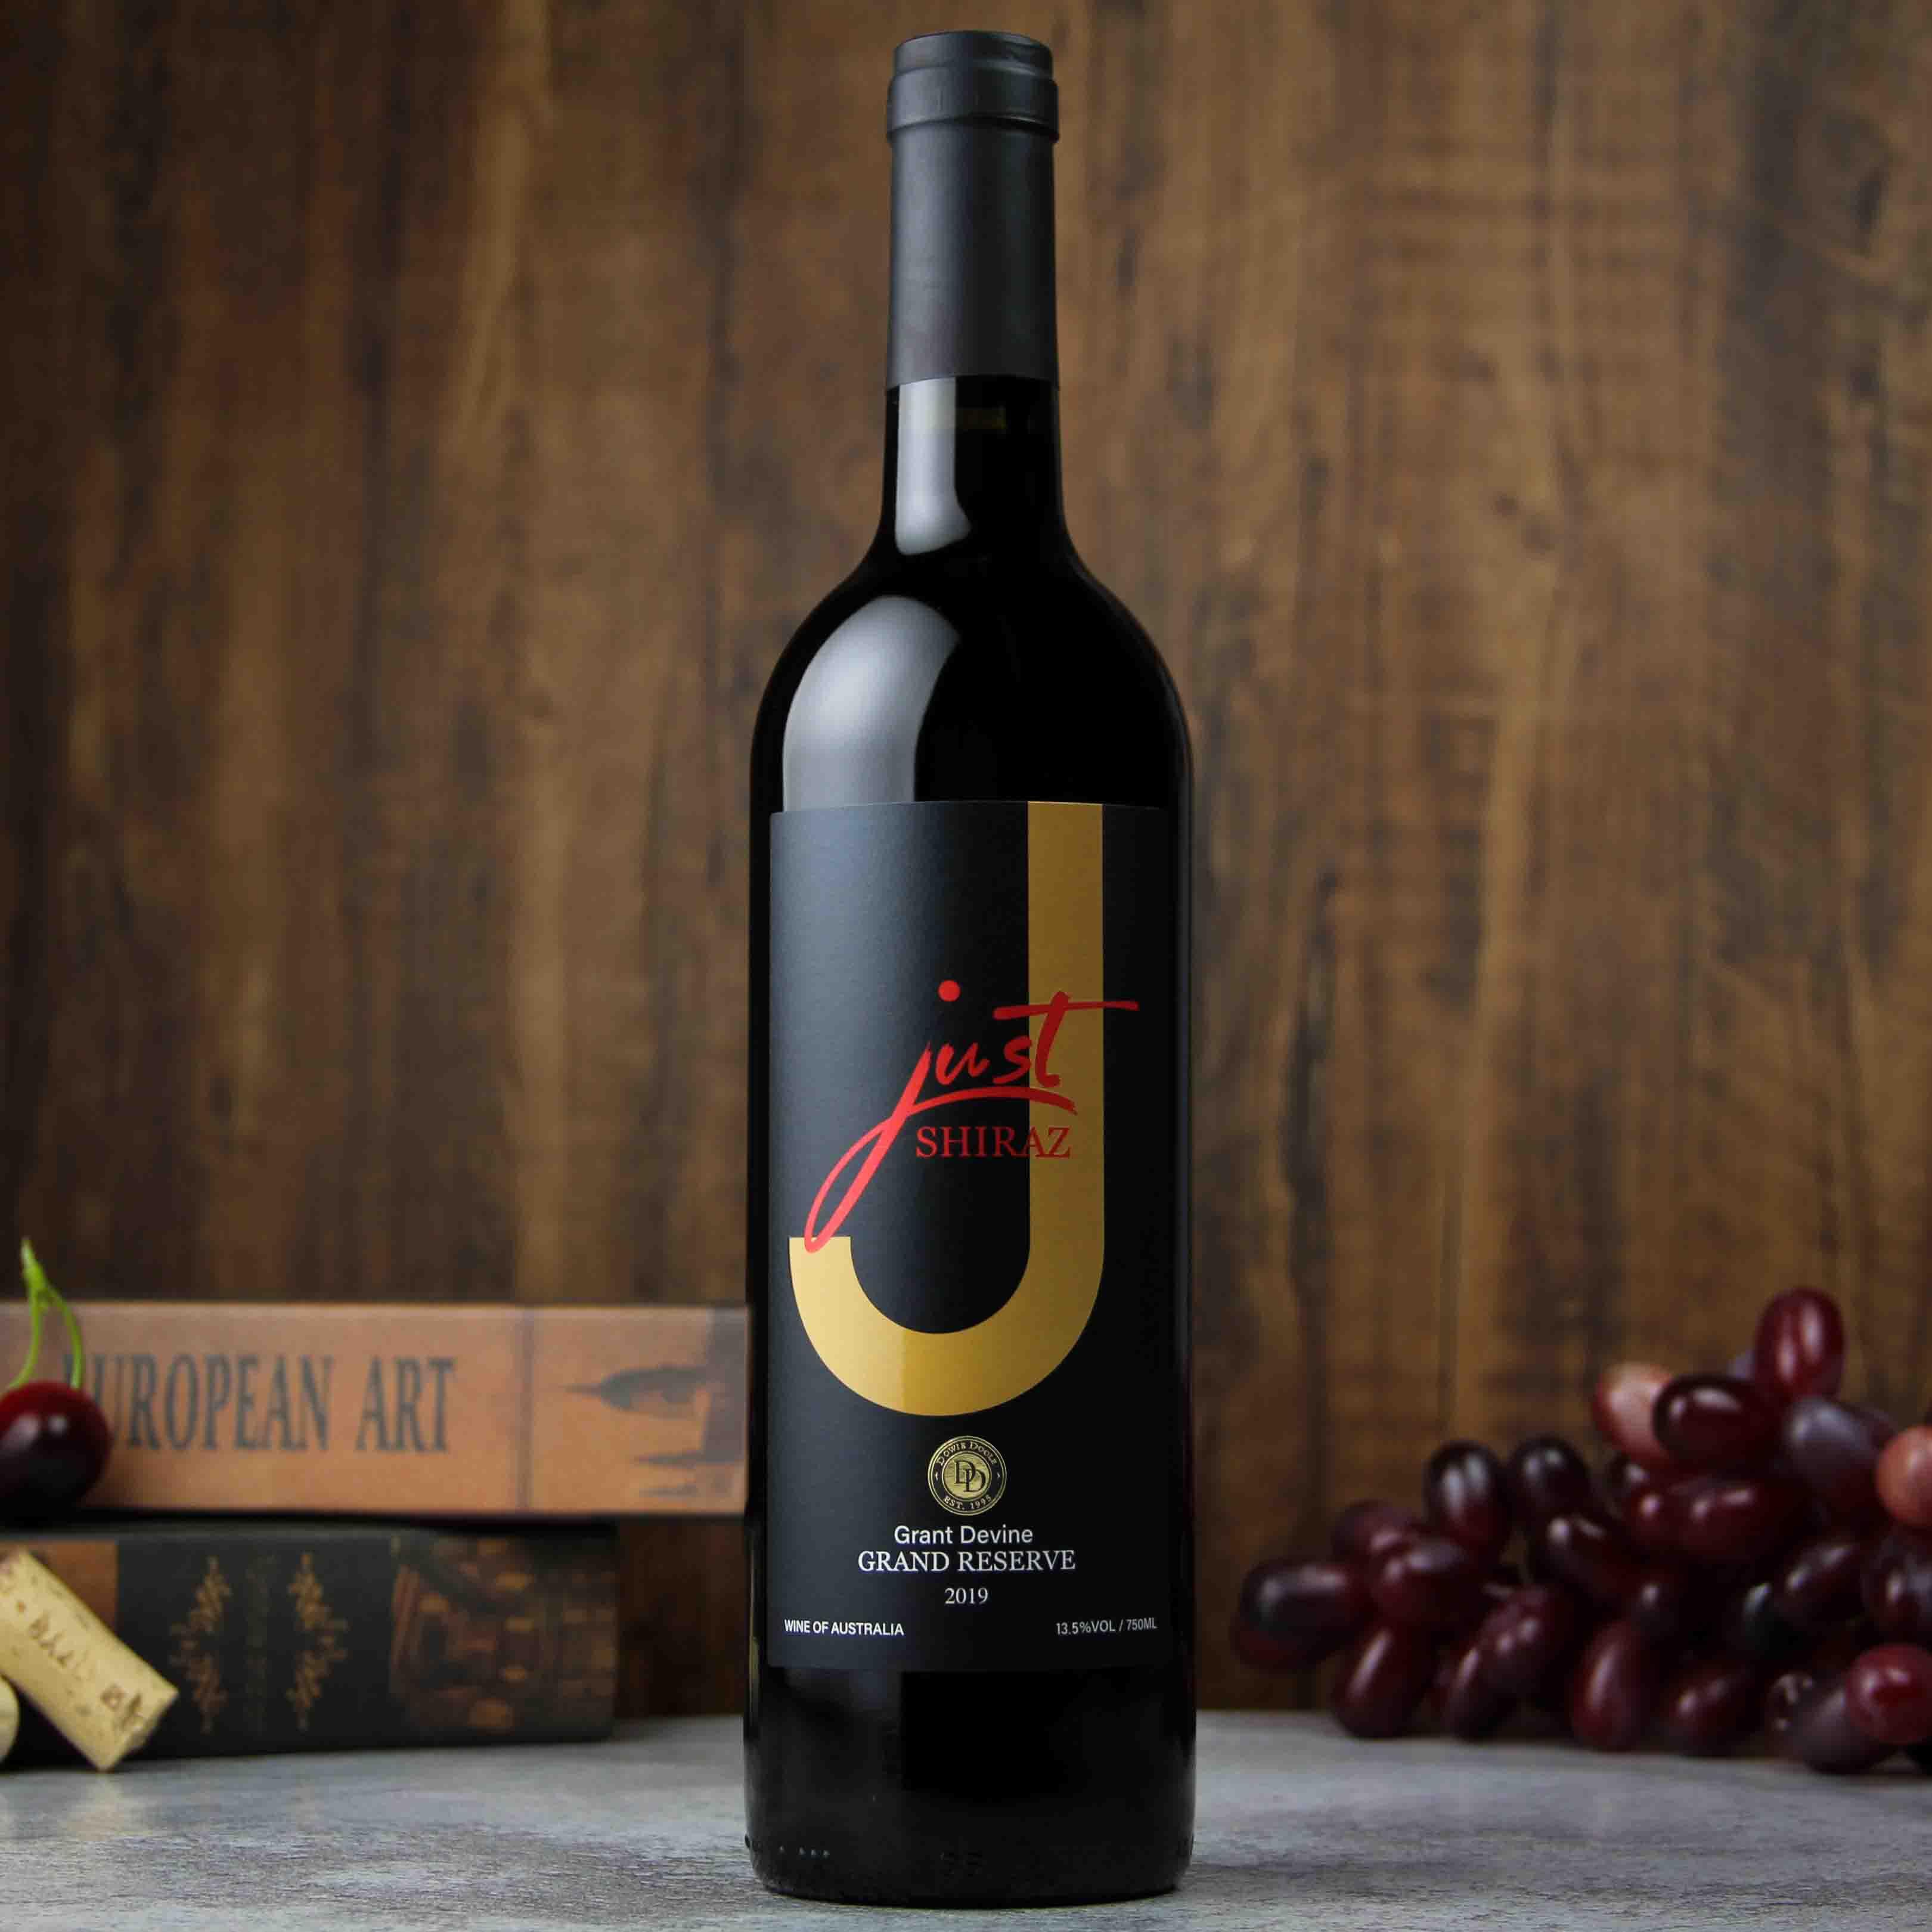 澳大利亚都度JUST勾魂·澳乐途珍藏干红葡萄酒